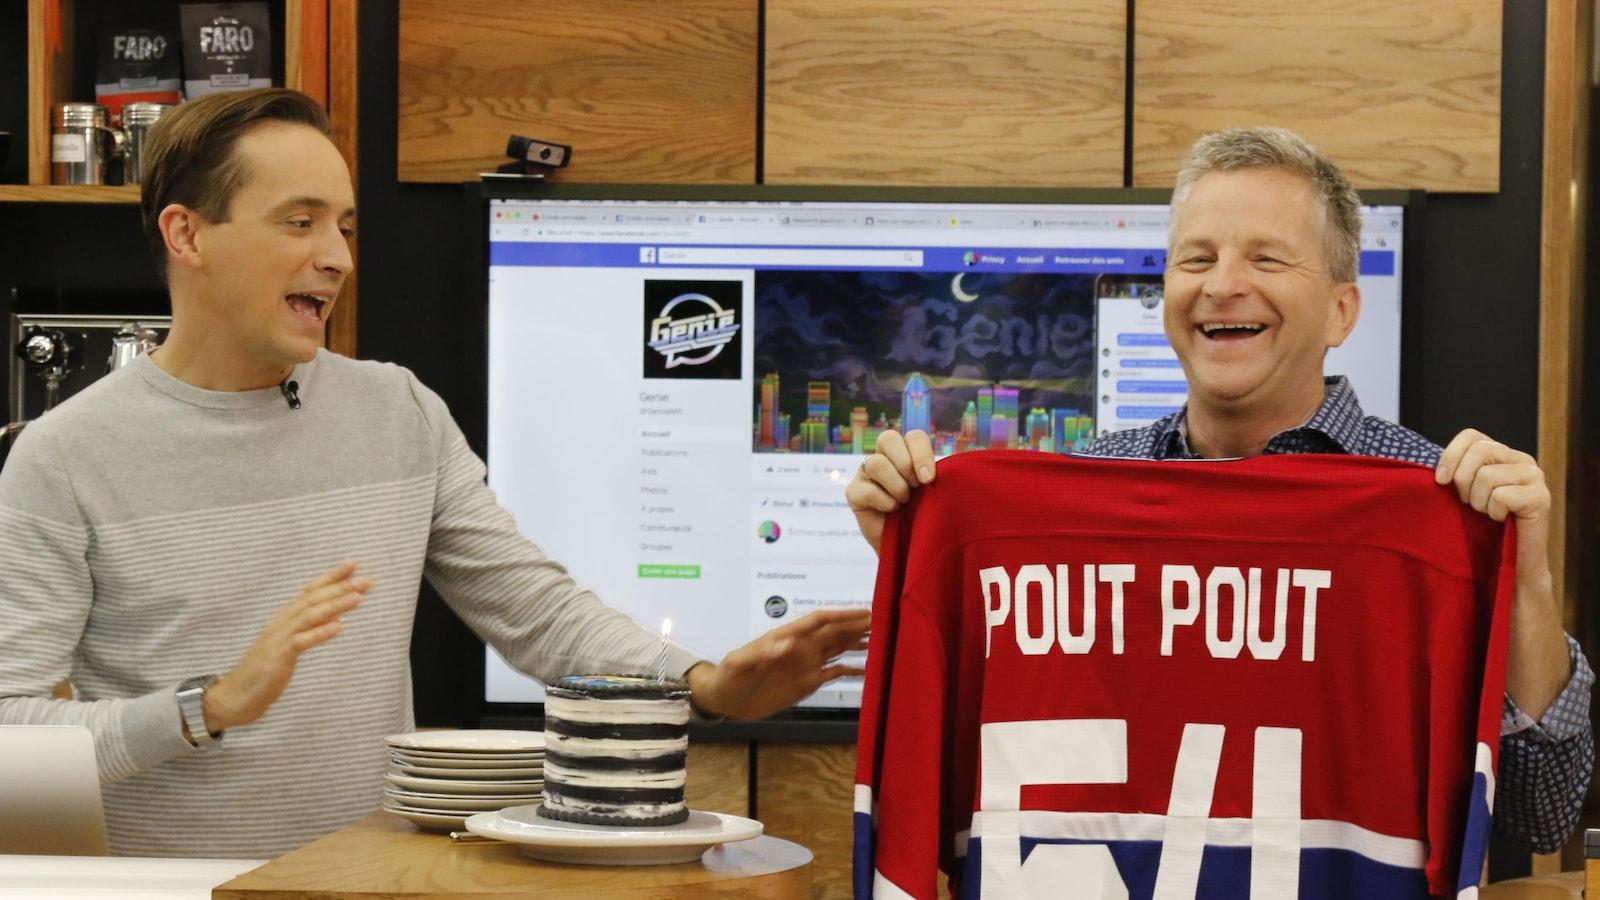 André Robitaille montre le derrière du chandail du Canadien qu'on vient de lui donner pour son anniversaire.  On peut y lire «Pout Pout».